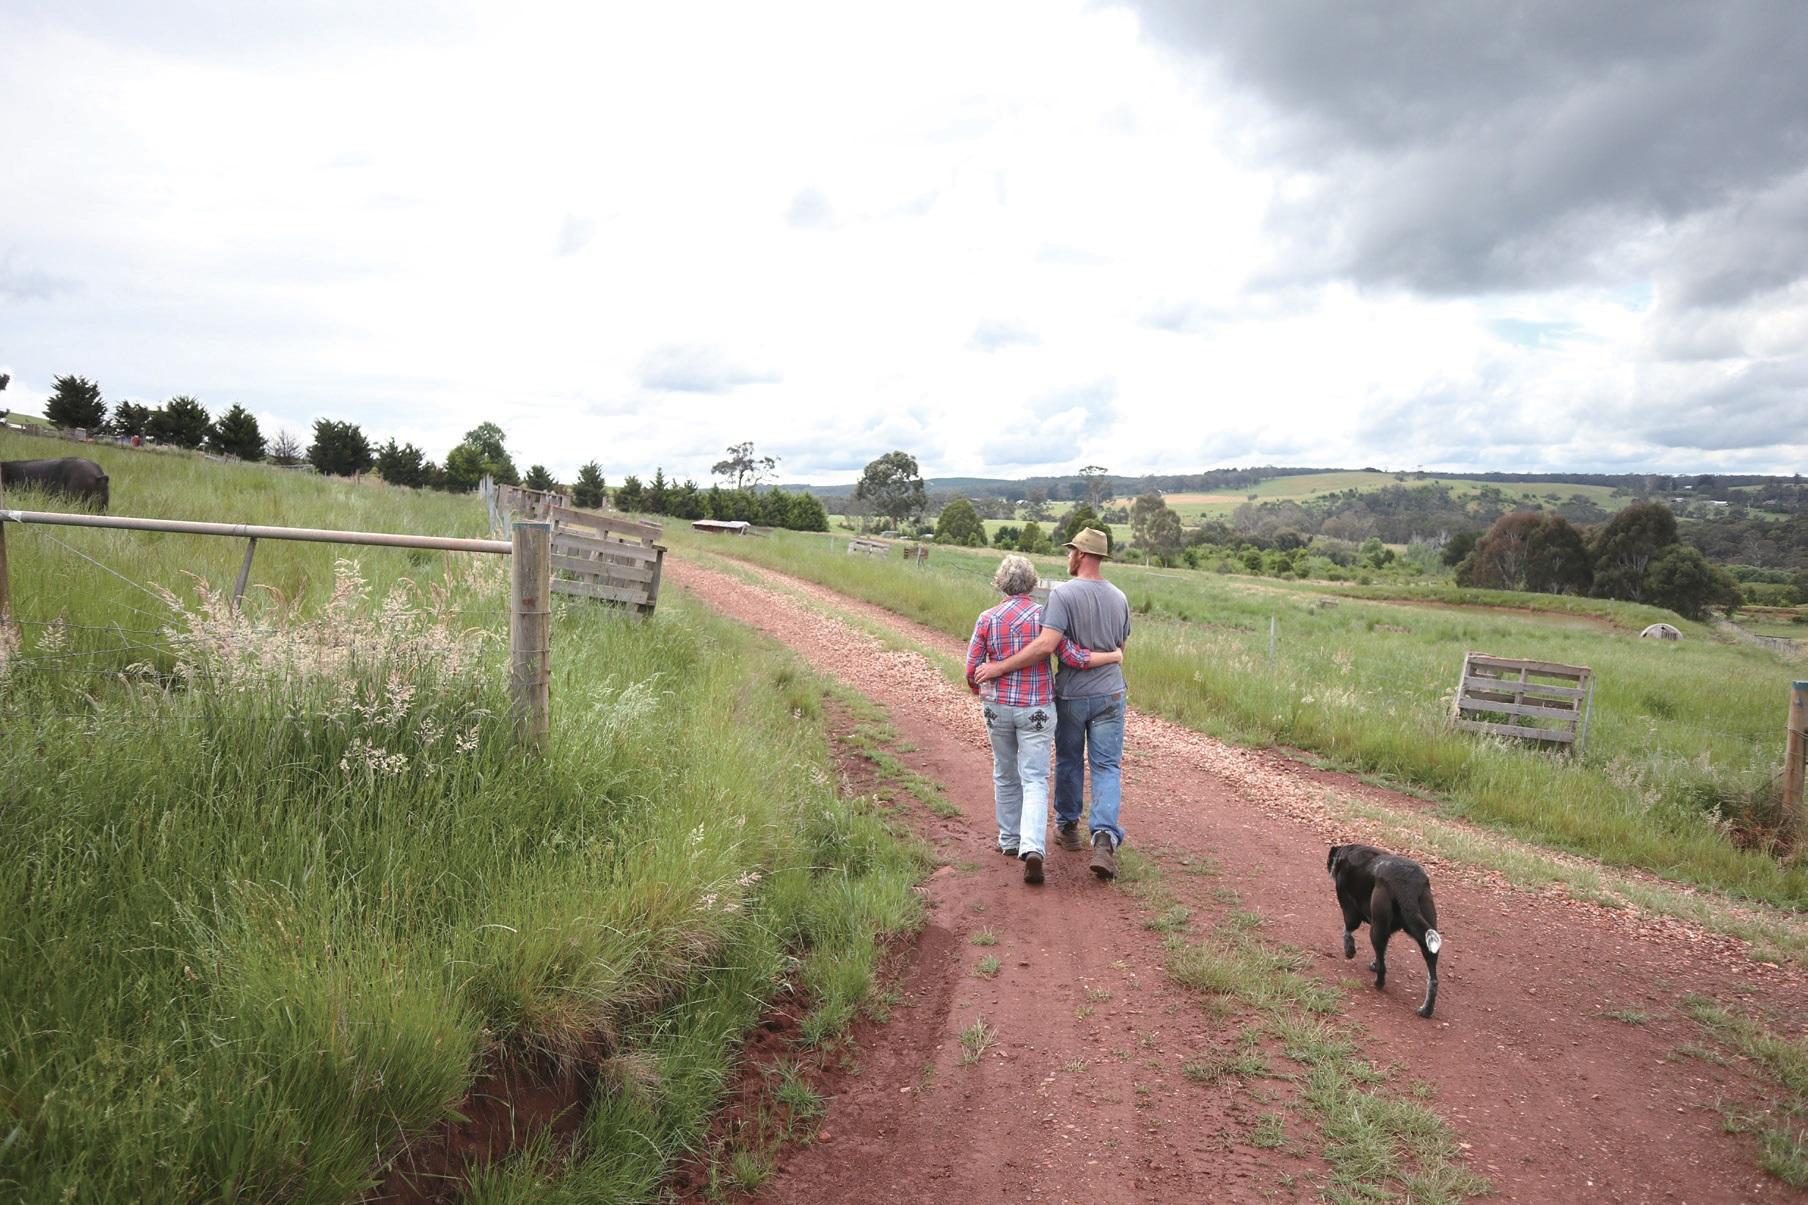 다정하게 앞서나가는 태미와 스튜어트. 그들의 걸음이 우리 농업의 미래를 이끌어주는 듯하다.